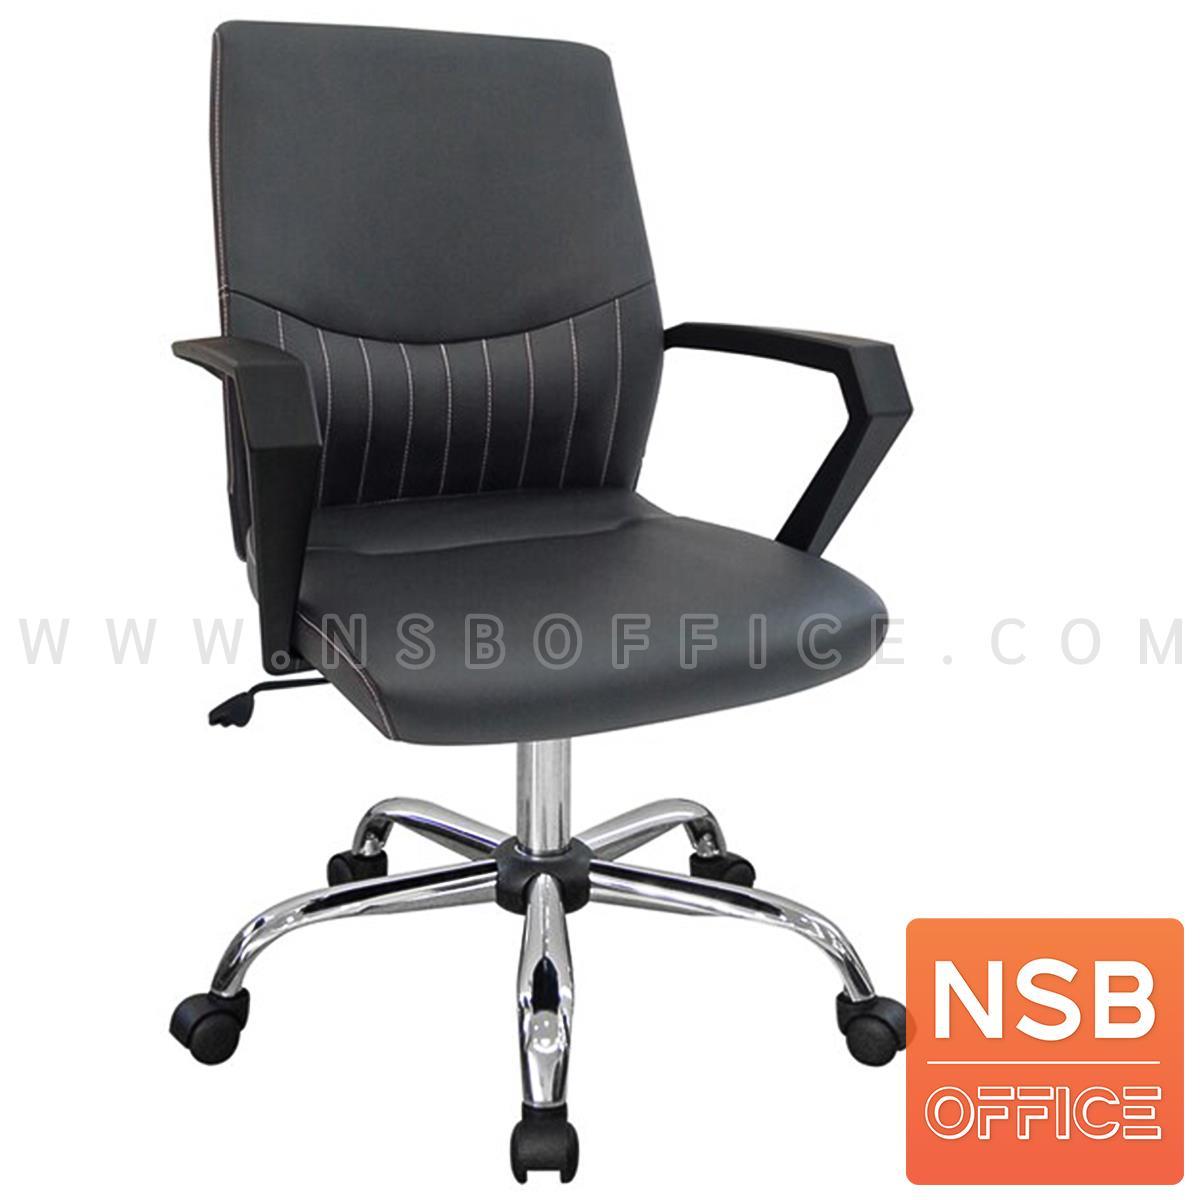 B03A324:เก้าอี้สำนักงาน รุ่น Winterfresh  โช๊คแก๊ส มีก้อนโยก ขาเหล็กชุบโครเมี่ยม